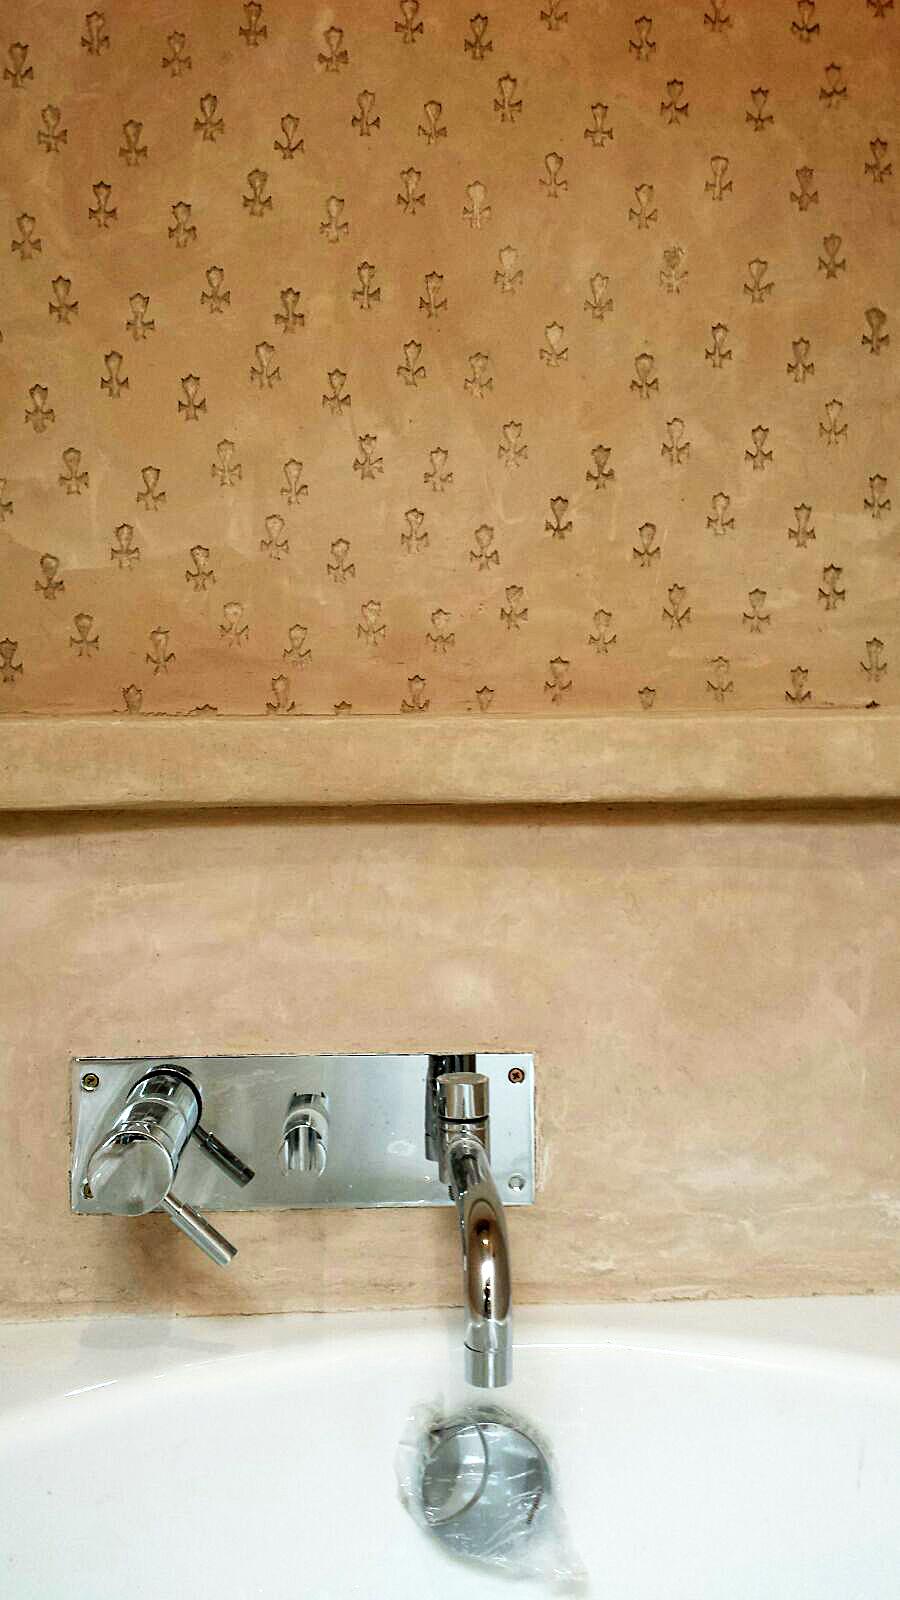 Mur dessus de baignoire en marmorino avec sgraffito